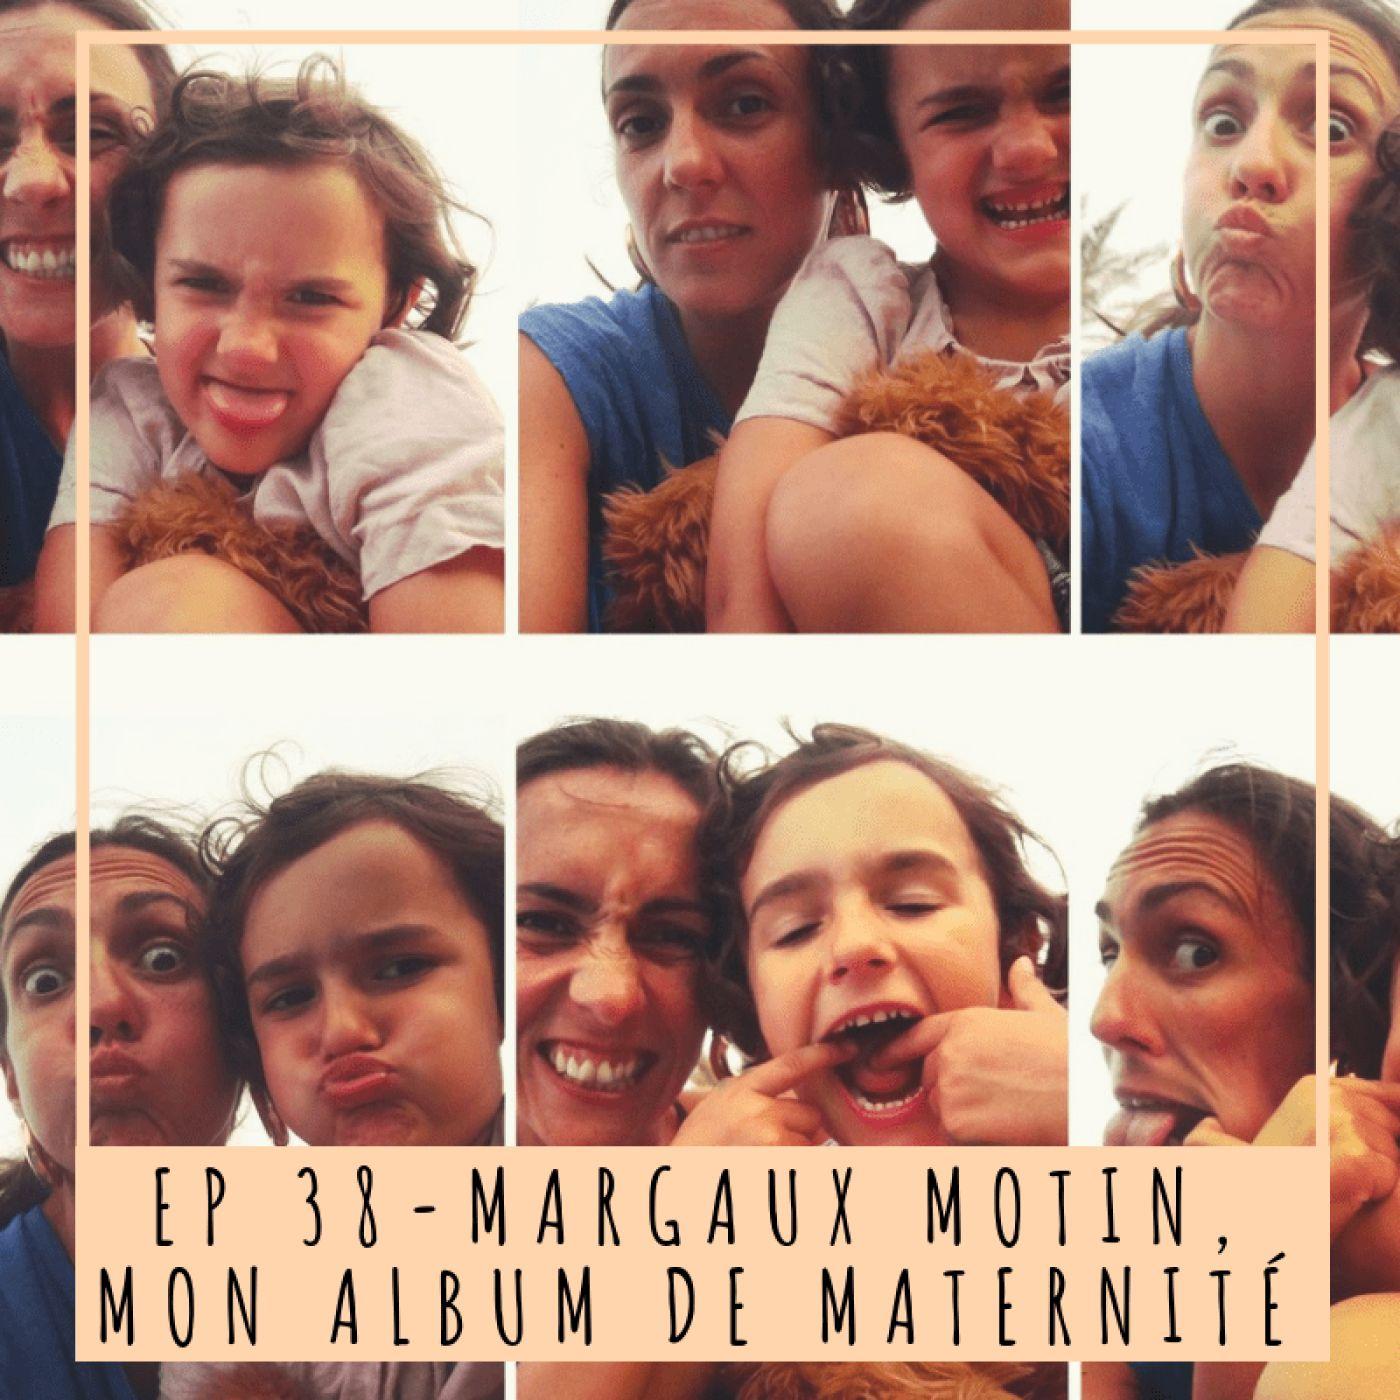 EP 38- MARGAUX MOTIN, MON ALBUM DE MATERNITÉ